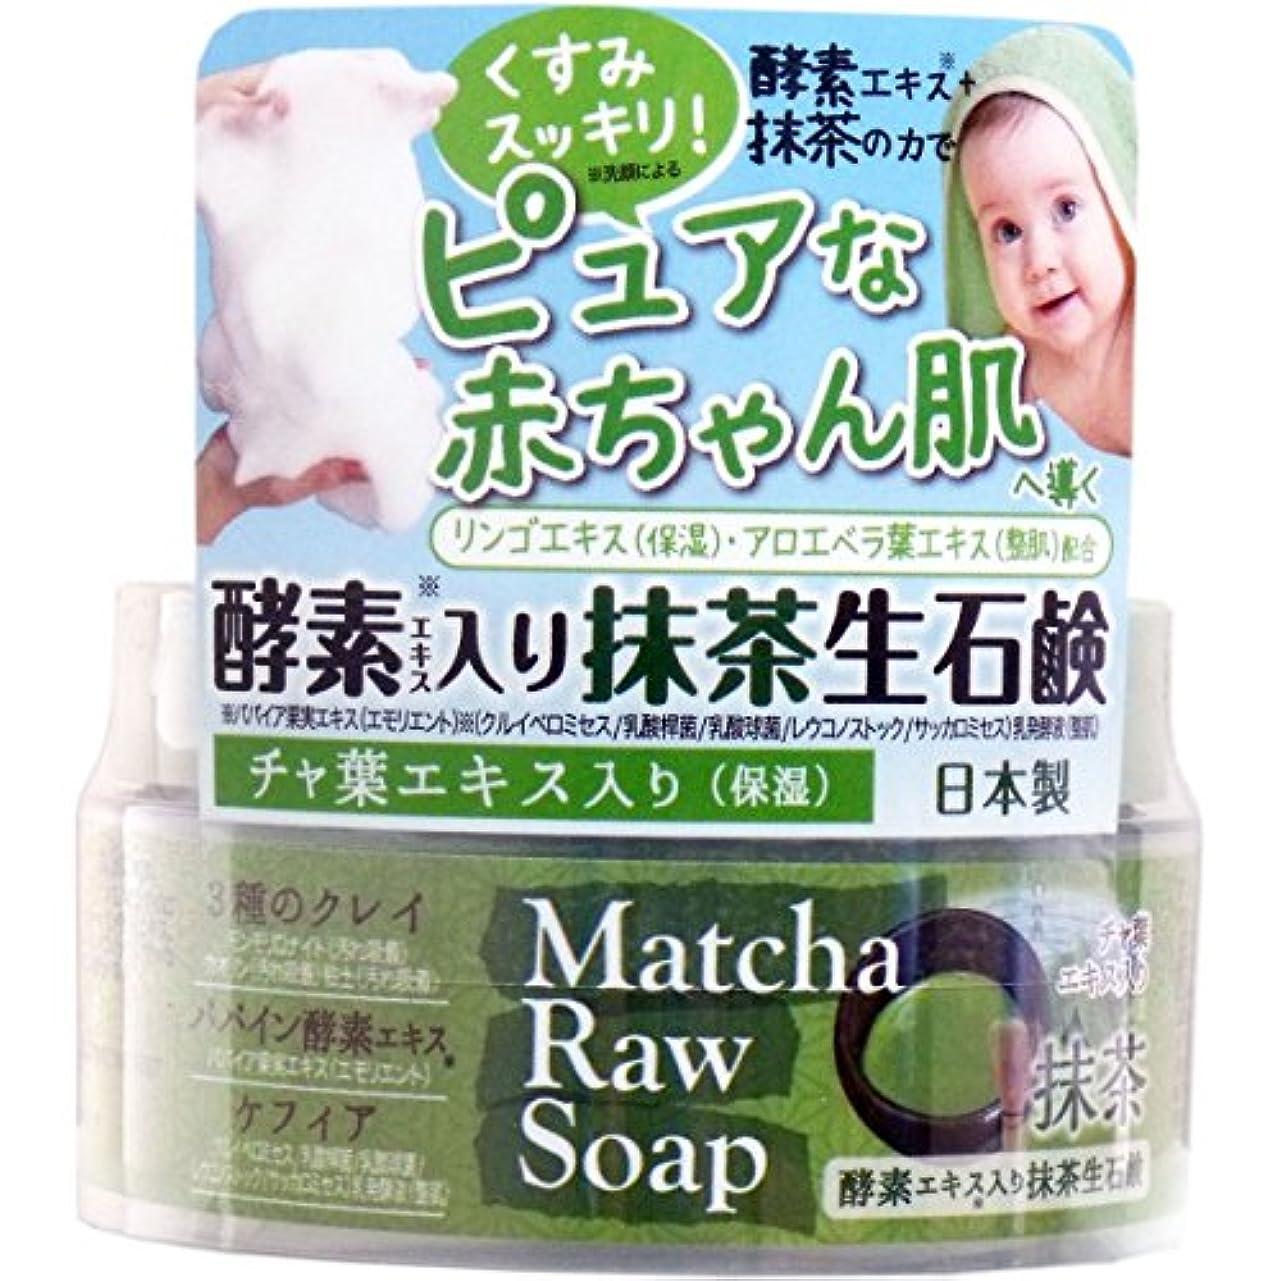 十分なめらかな抽象酵素エキス入り抹茶生石鹸